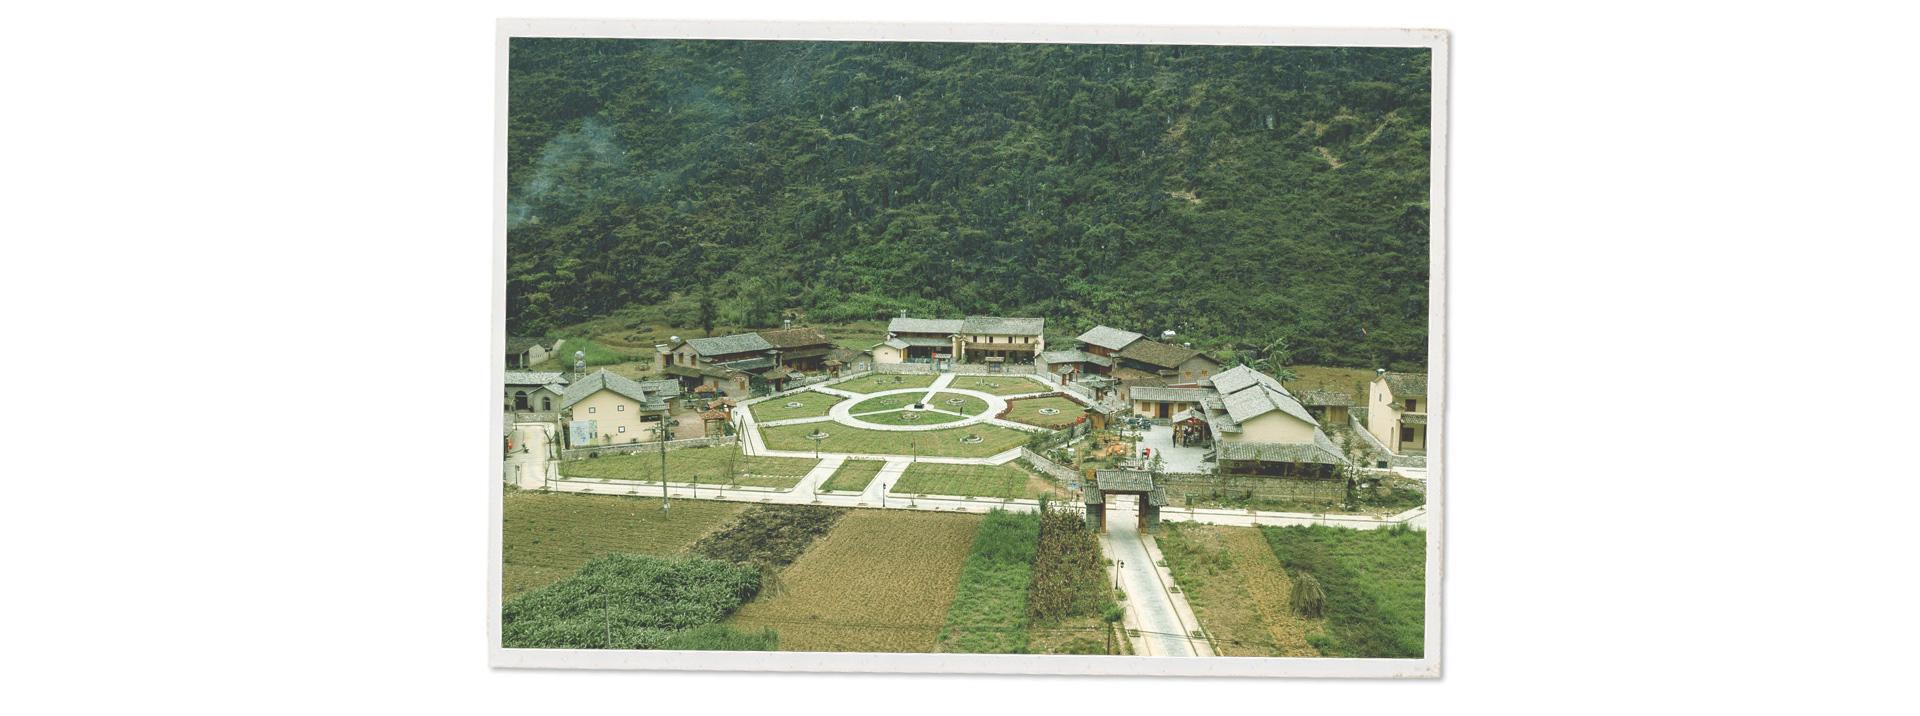 55 năm Cung đường Hạnh Phúc trên trập trùng núi đá Hà Giang - Ảnh 6.